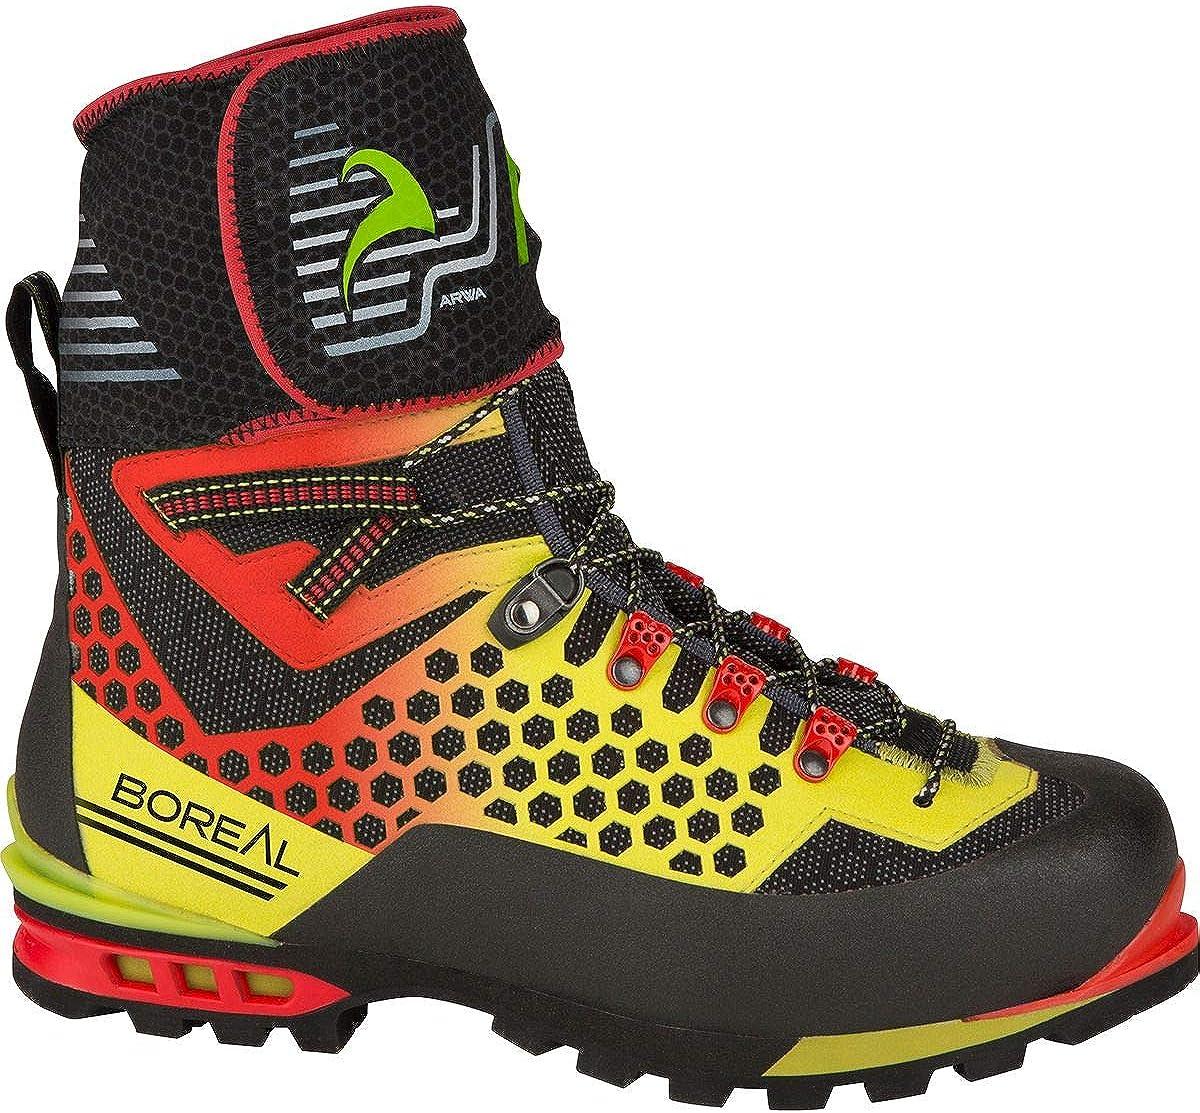 Boreal Arwa, Zapatos de Escalada Unisex Adulto: Amazon.es ...